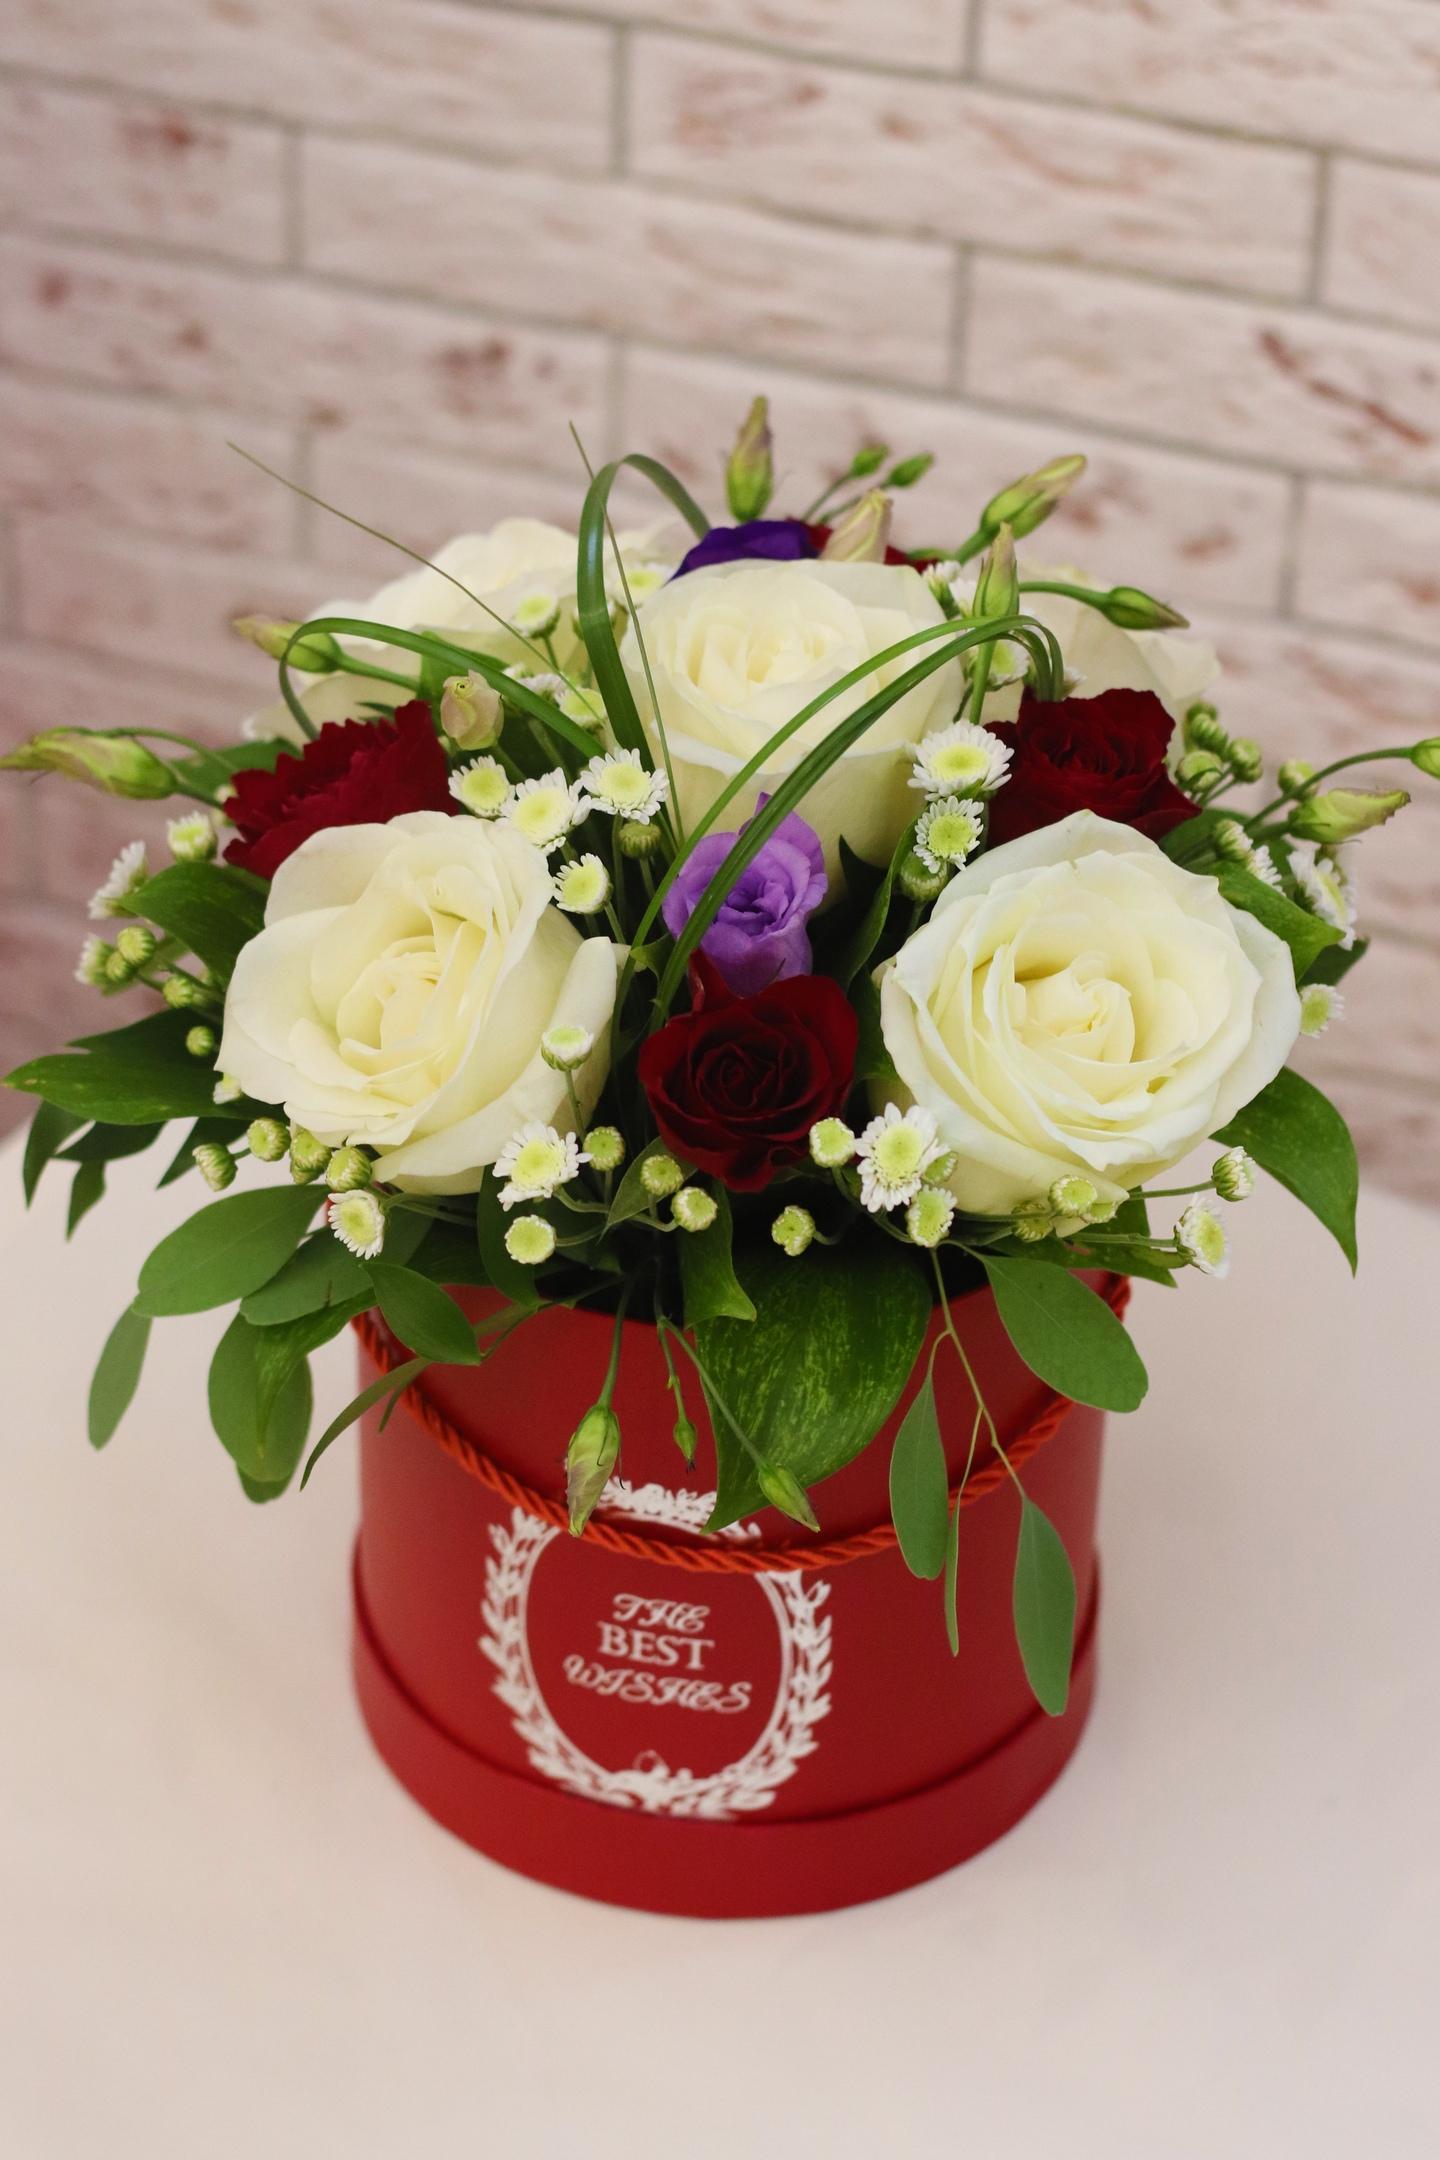 Доставка цветов пог уфе дешево, цветов день рождения